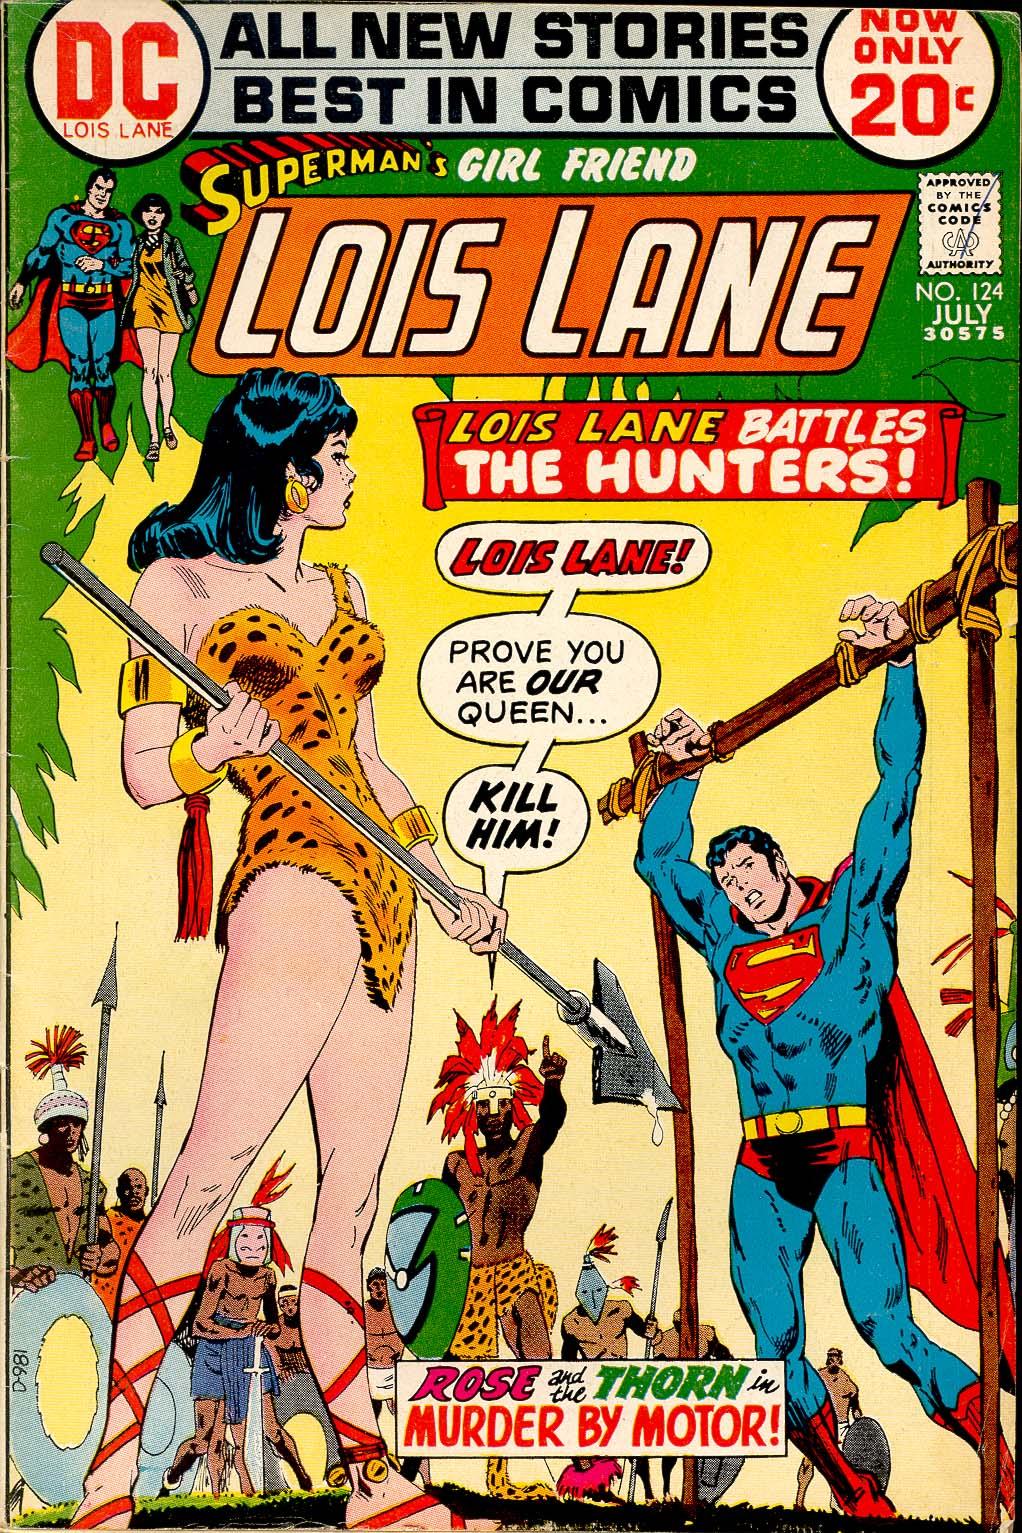 Supermans Girl Friend, Lois Lane 124 Page 1